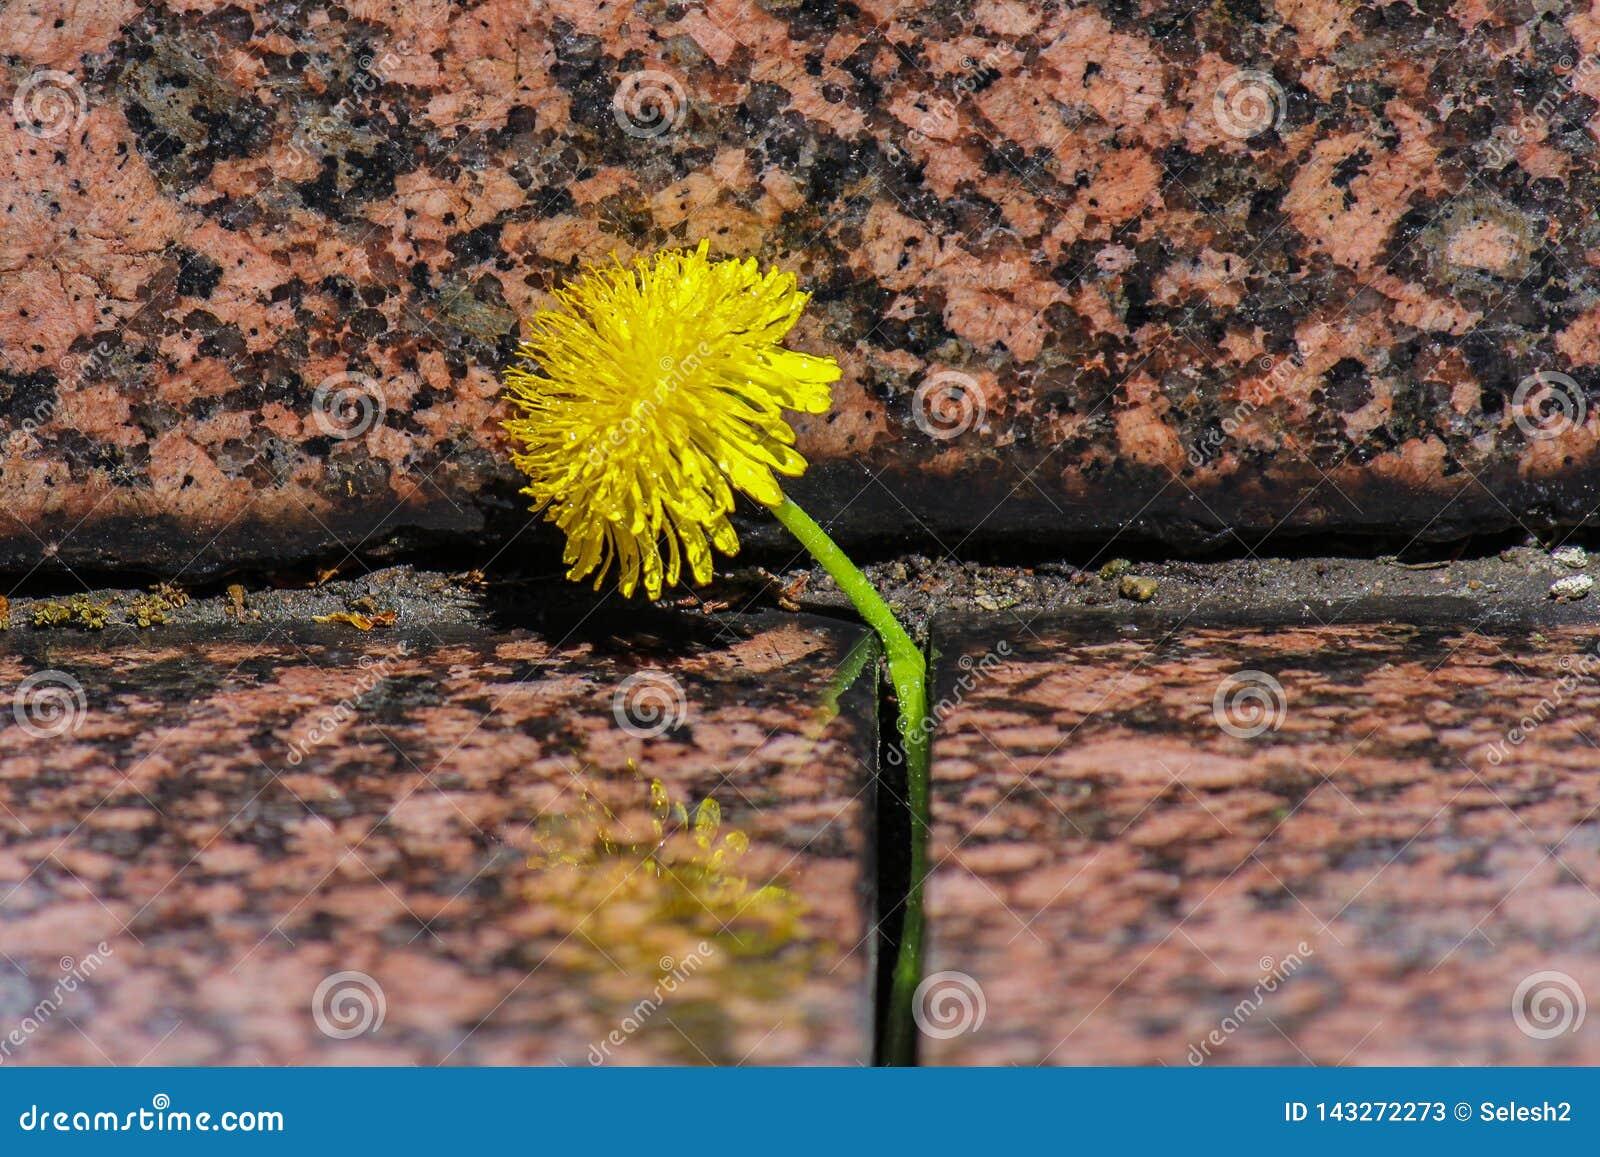 开花的黄色蒲公英在花岗岩石头中的一个裂缝增长 关闭